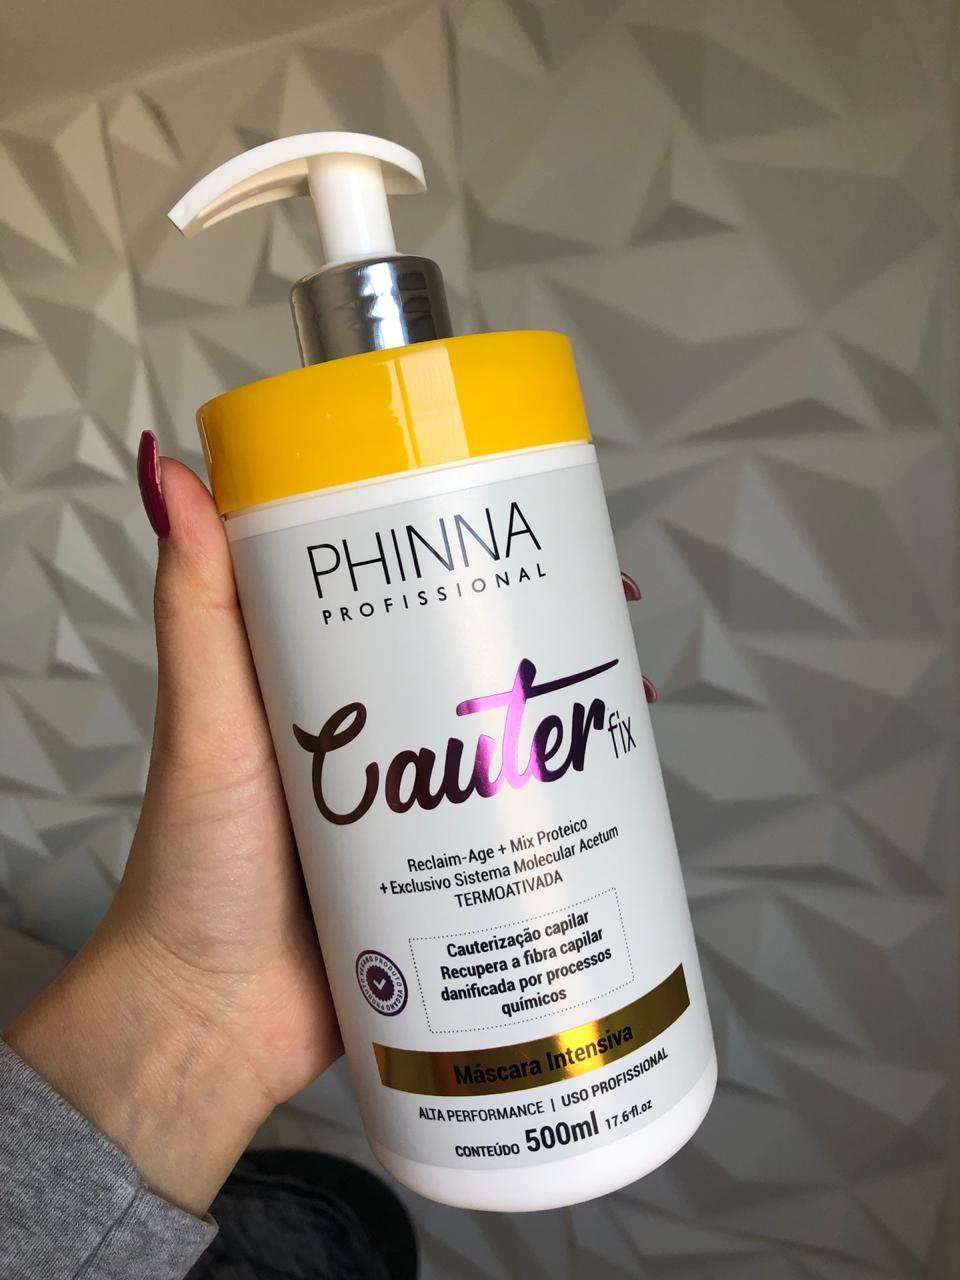 cauterizacao-molecular-cauter-fix-da-phinna-cosmeticos-e-boa-resenha-produto